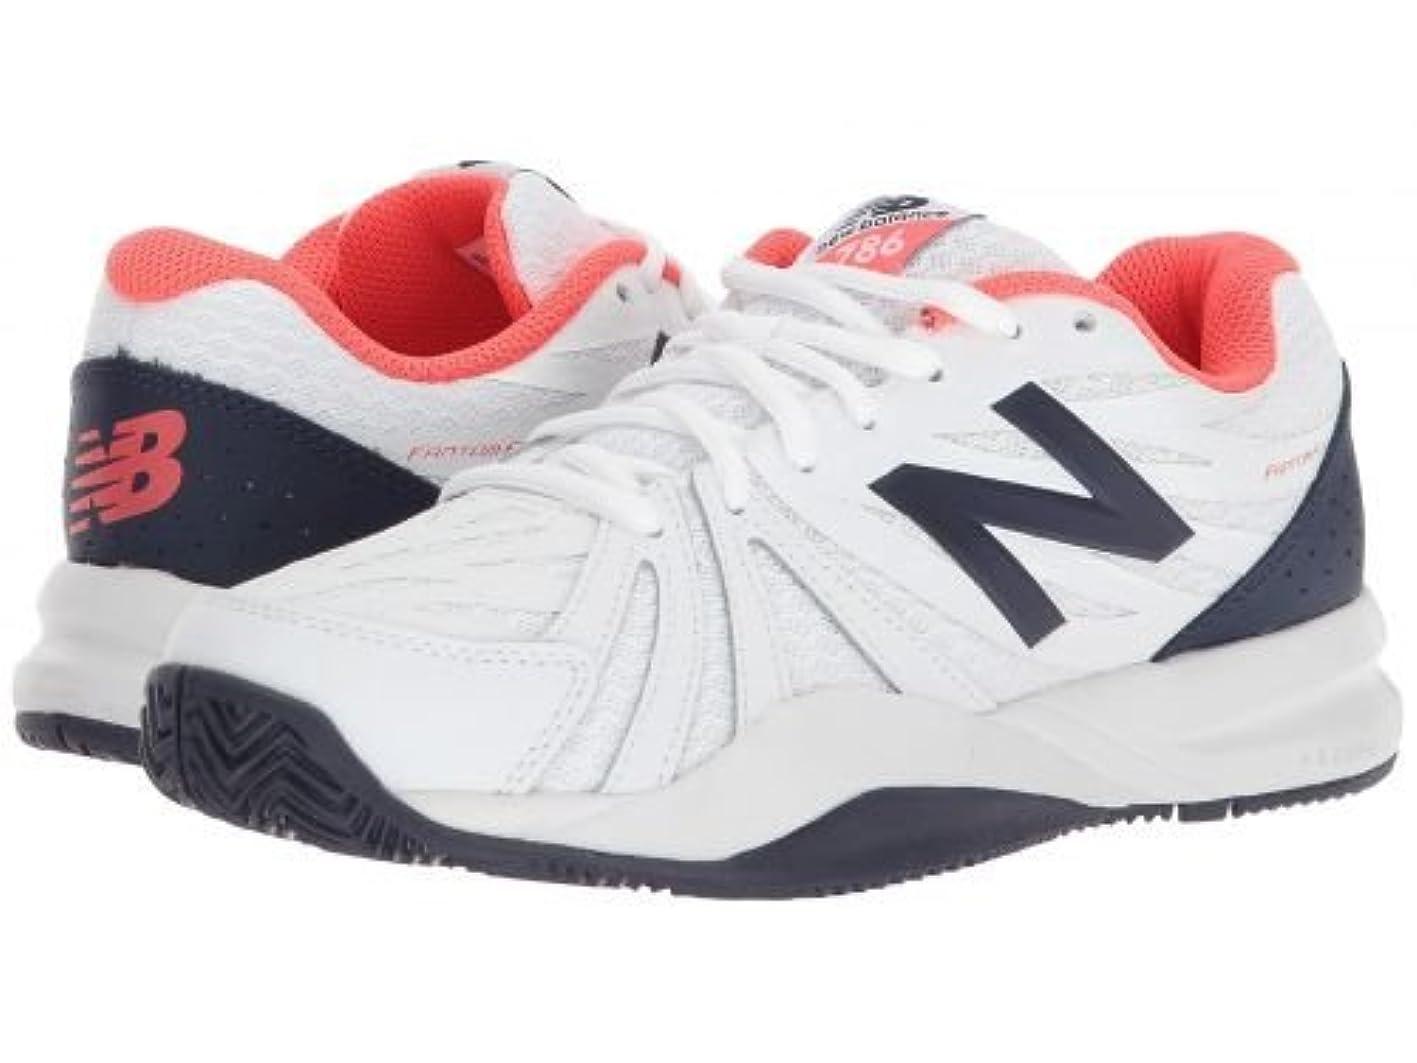 ポルトガル語単調な生き返らせるNew Balance(ニューバランス) レディース 女性用 シューズ 靴 スニーカー 運動靴 786v2 - Vivid Coral/White 6 D - Wide [並行輸入品]